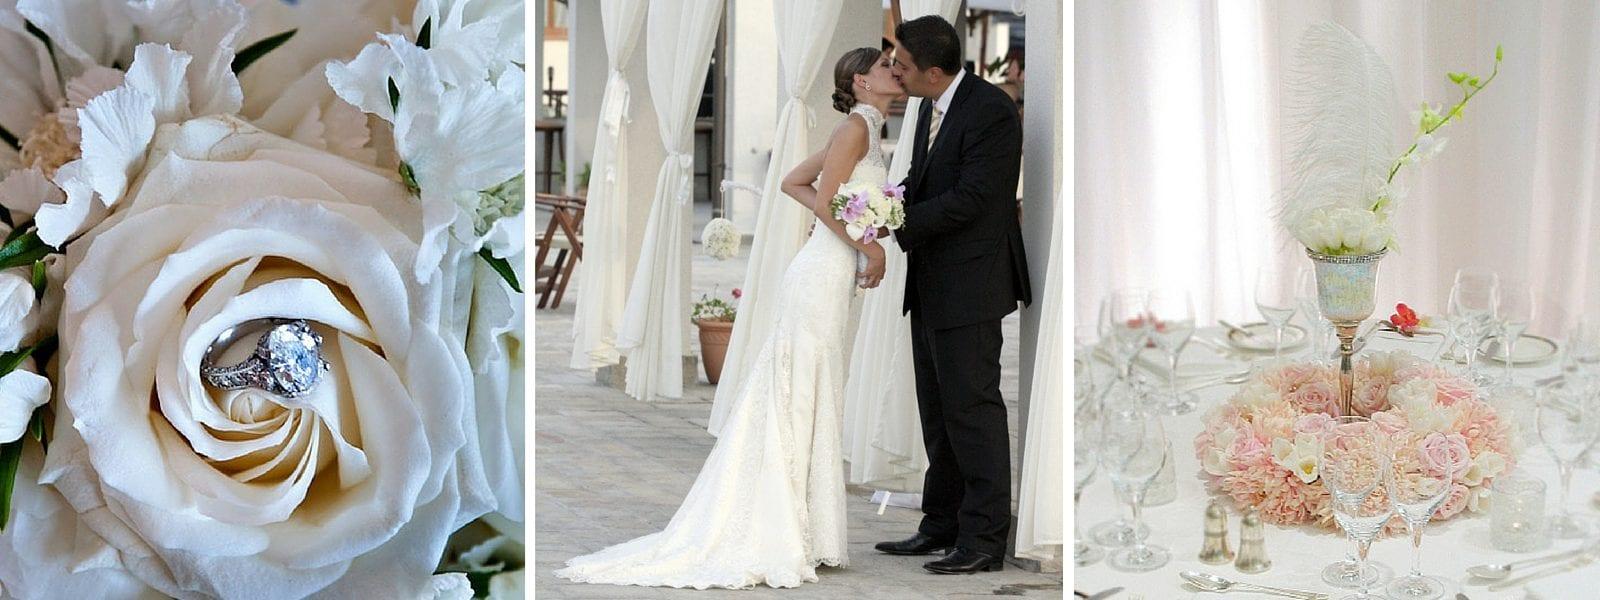 най- добрият сватбен агент в българия